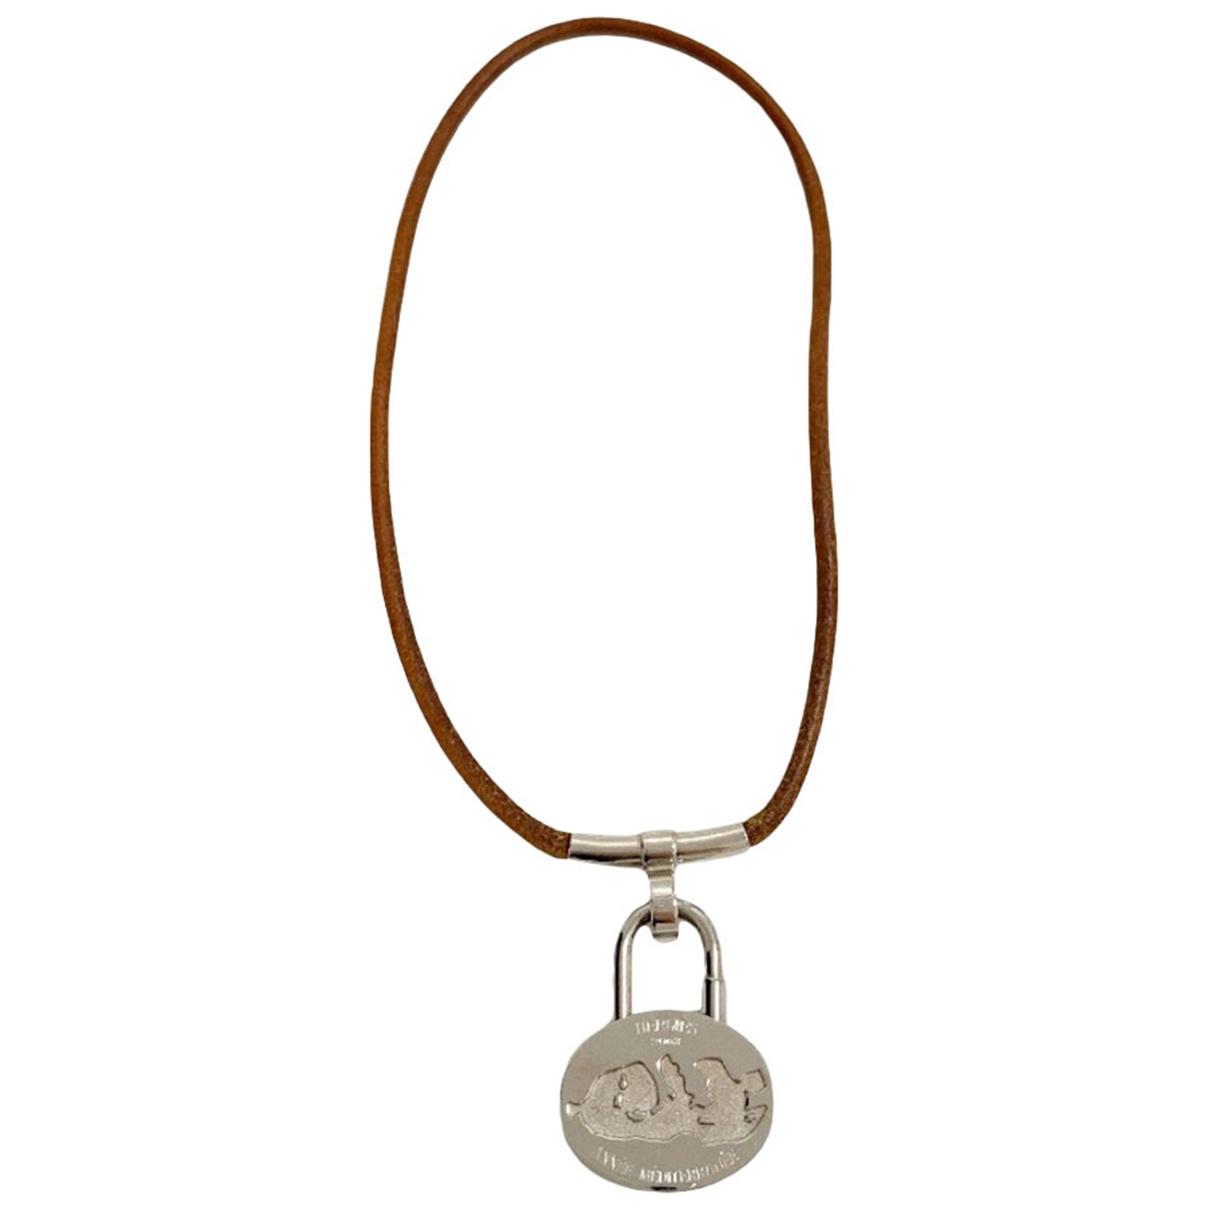 Hermes - Collier Cadenas pour femme en metal - argente